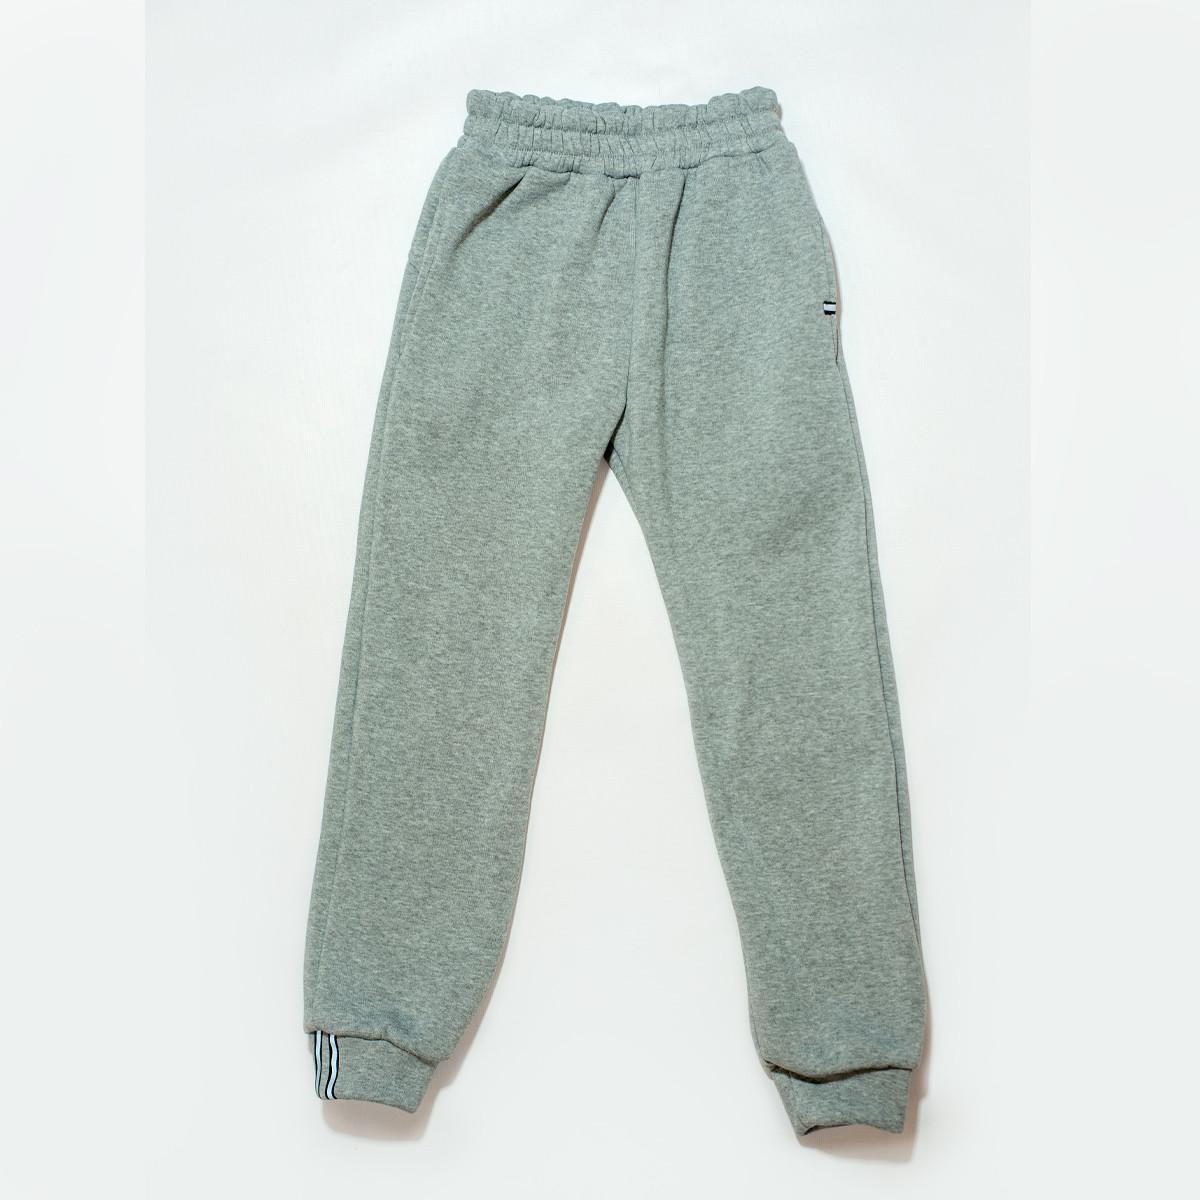 Штаны утепленные для мальчика, SmileTime Novel, серые